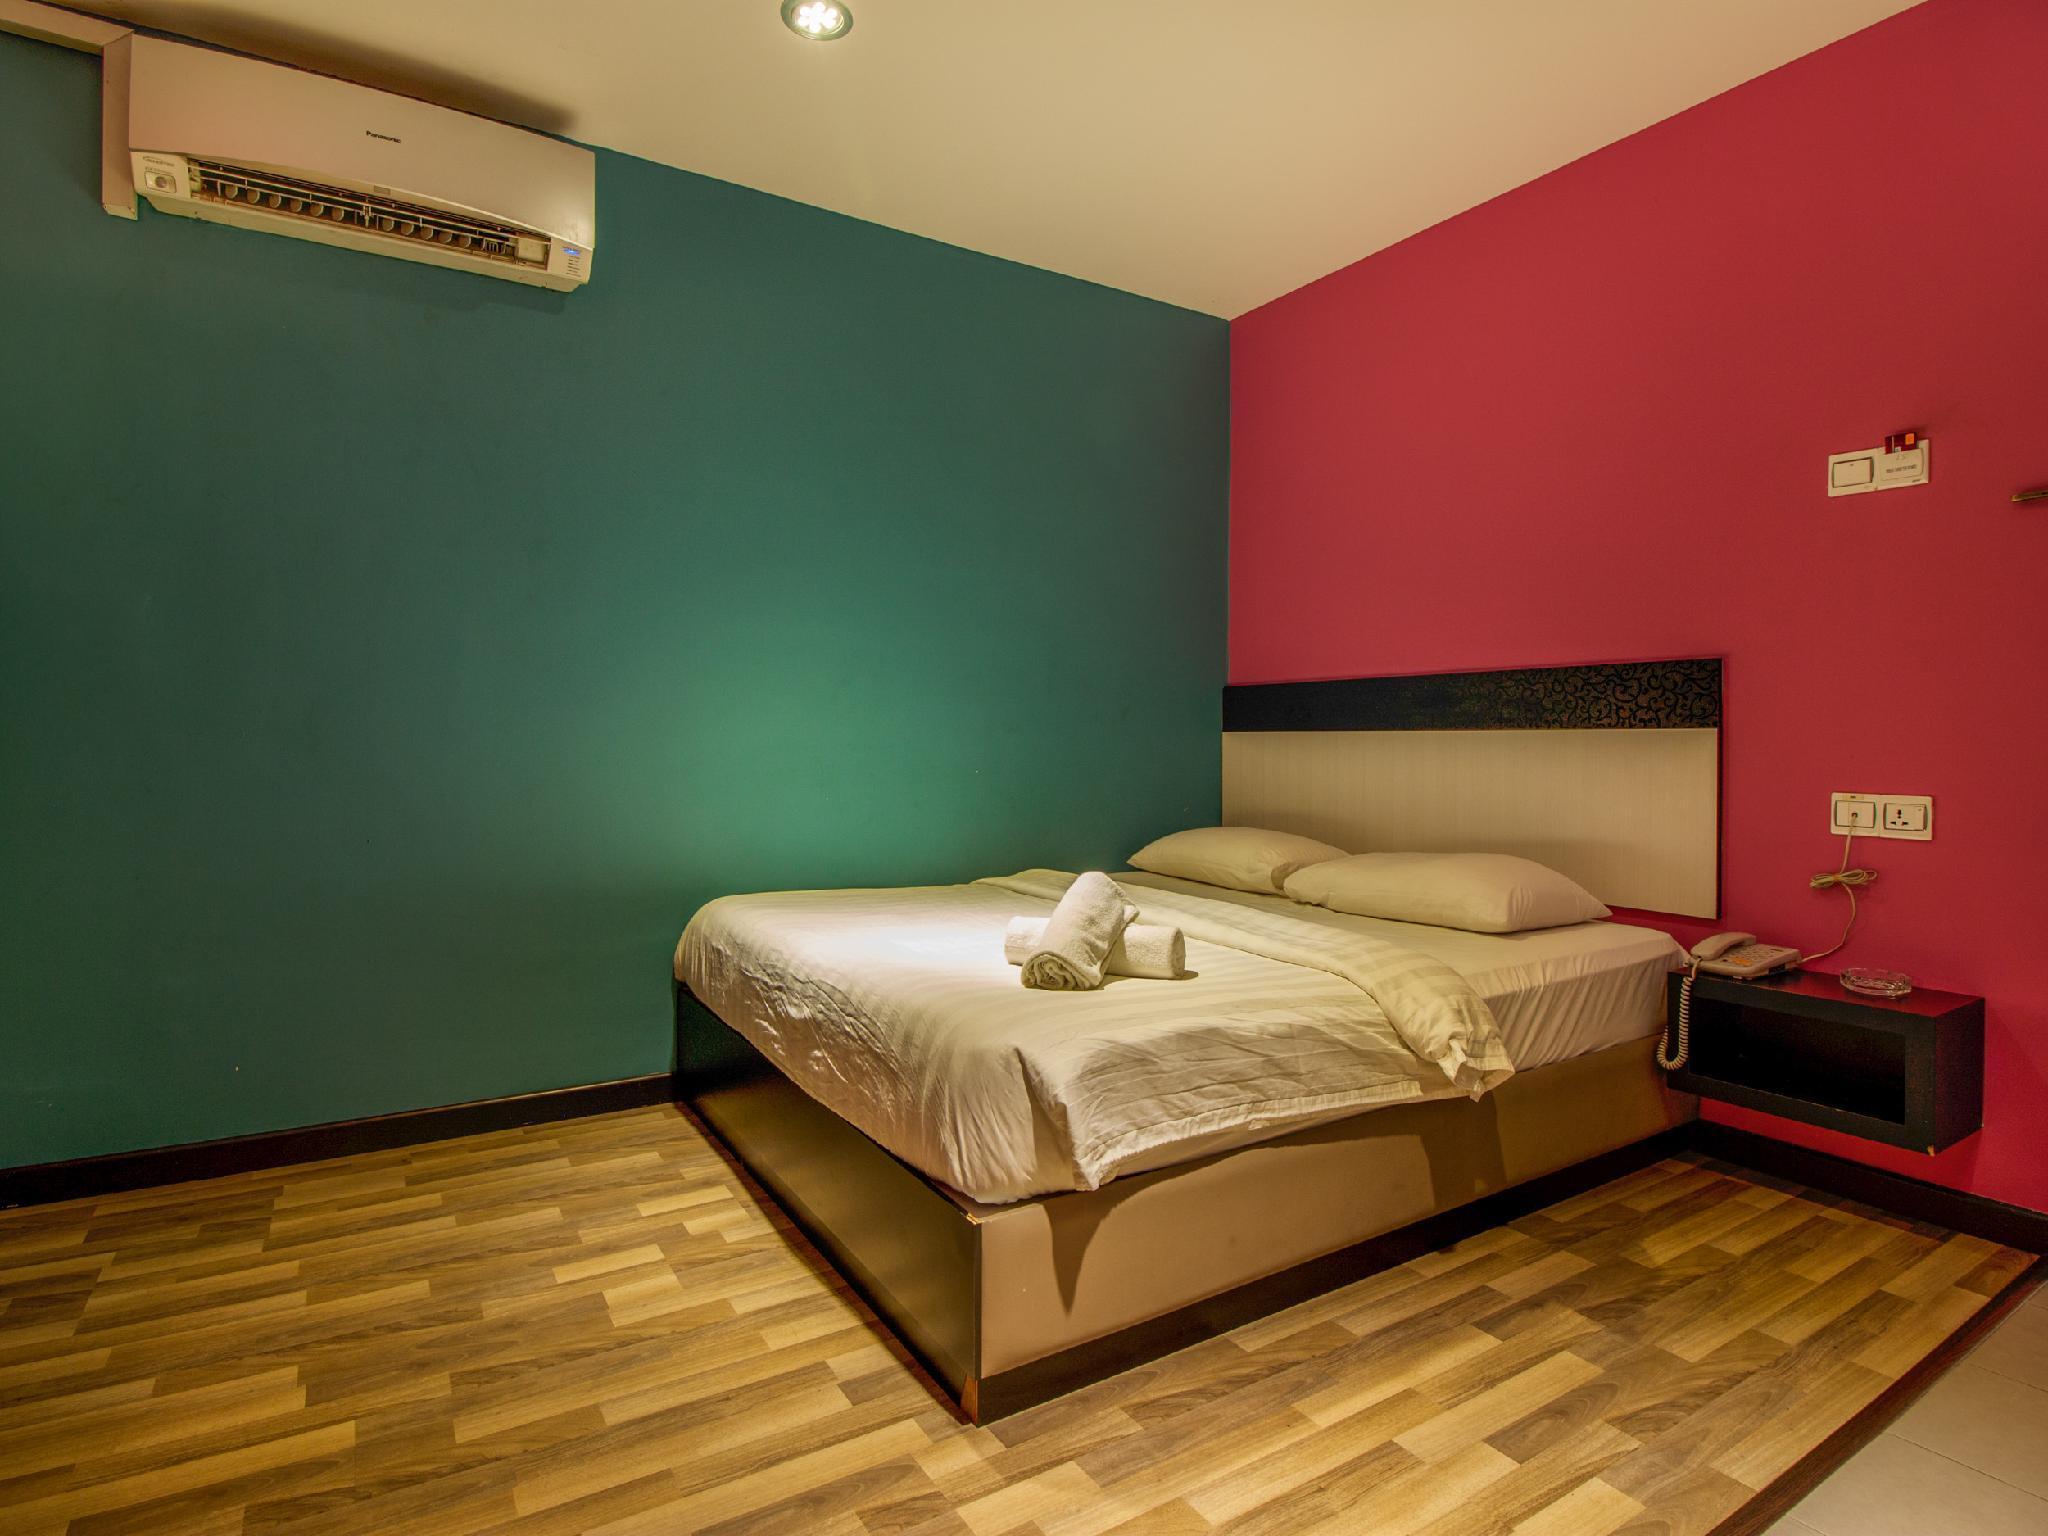 e Hotel, Kota Melaka